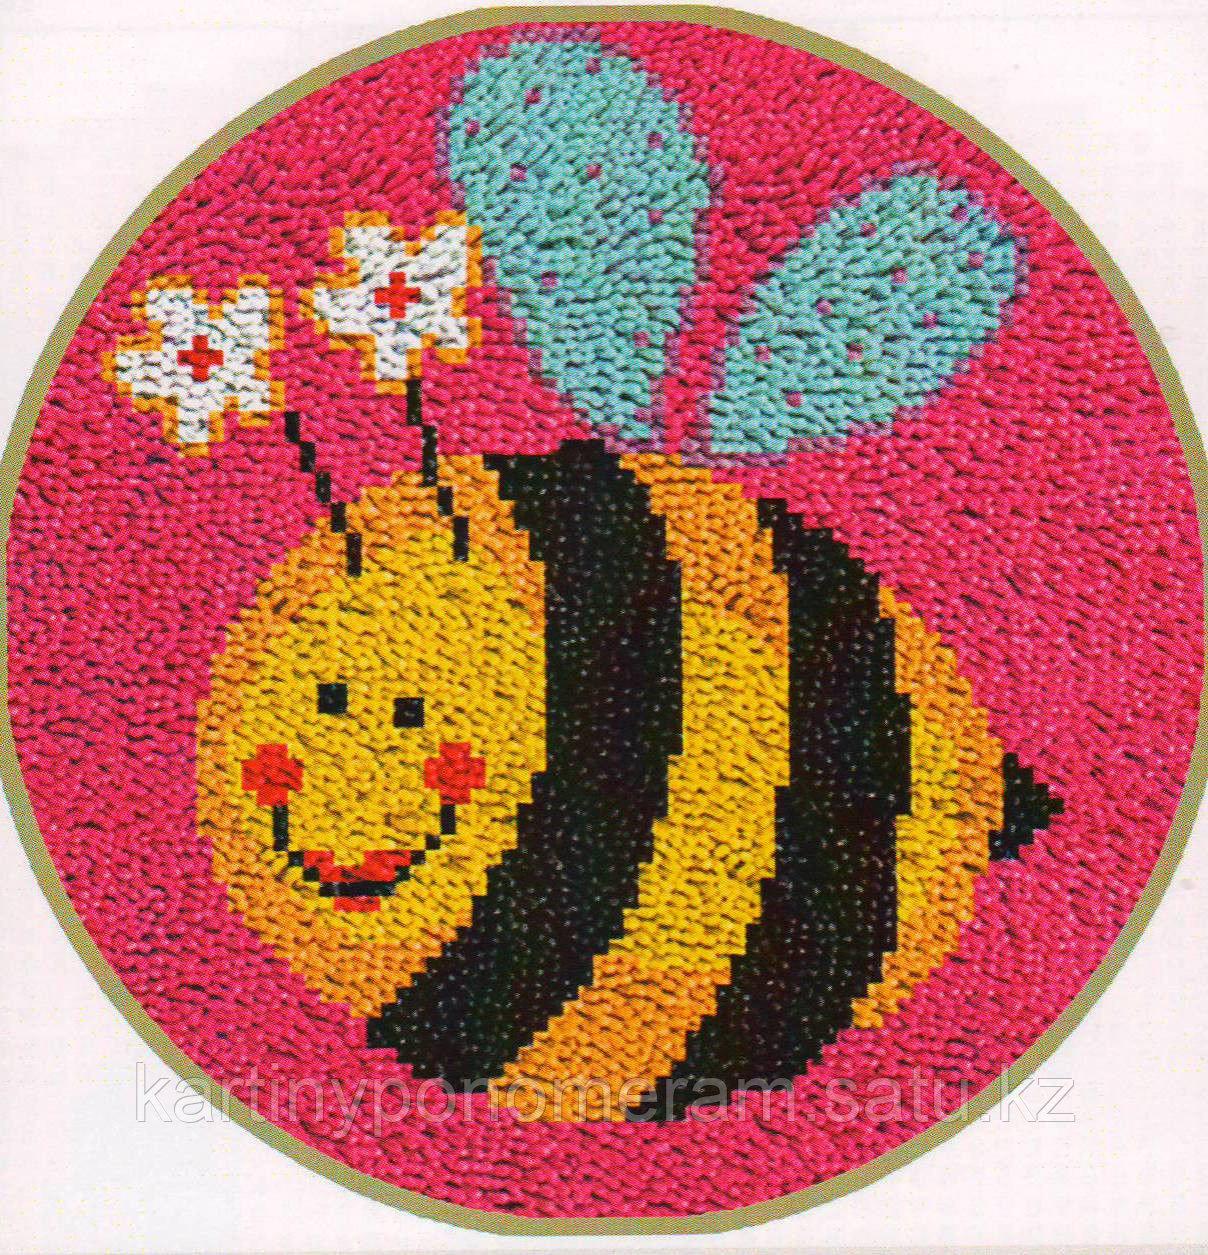 Вышивка в ковровой технике ZD226